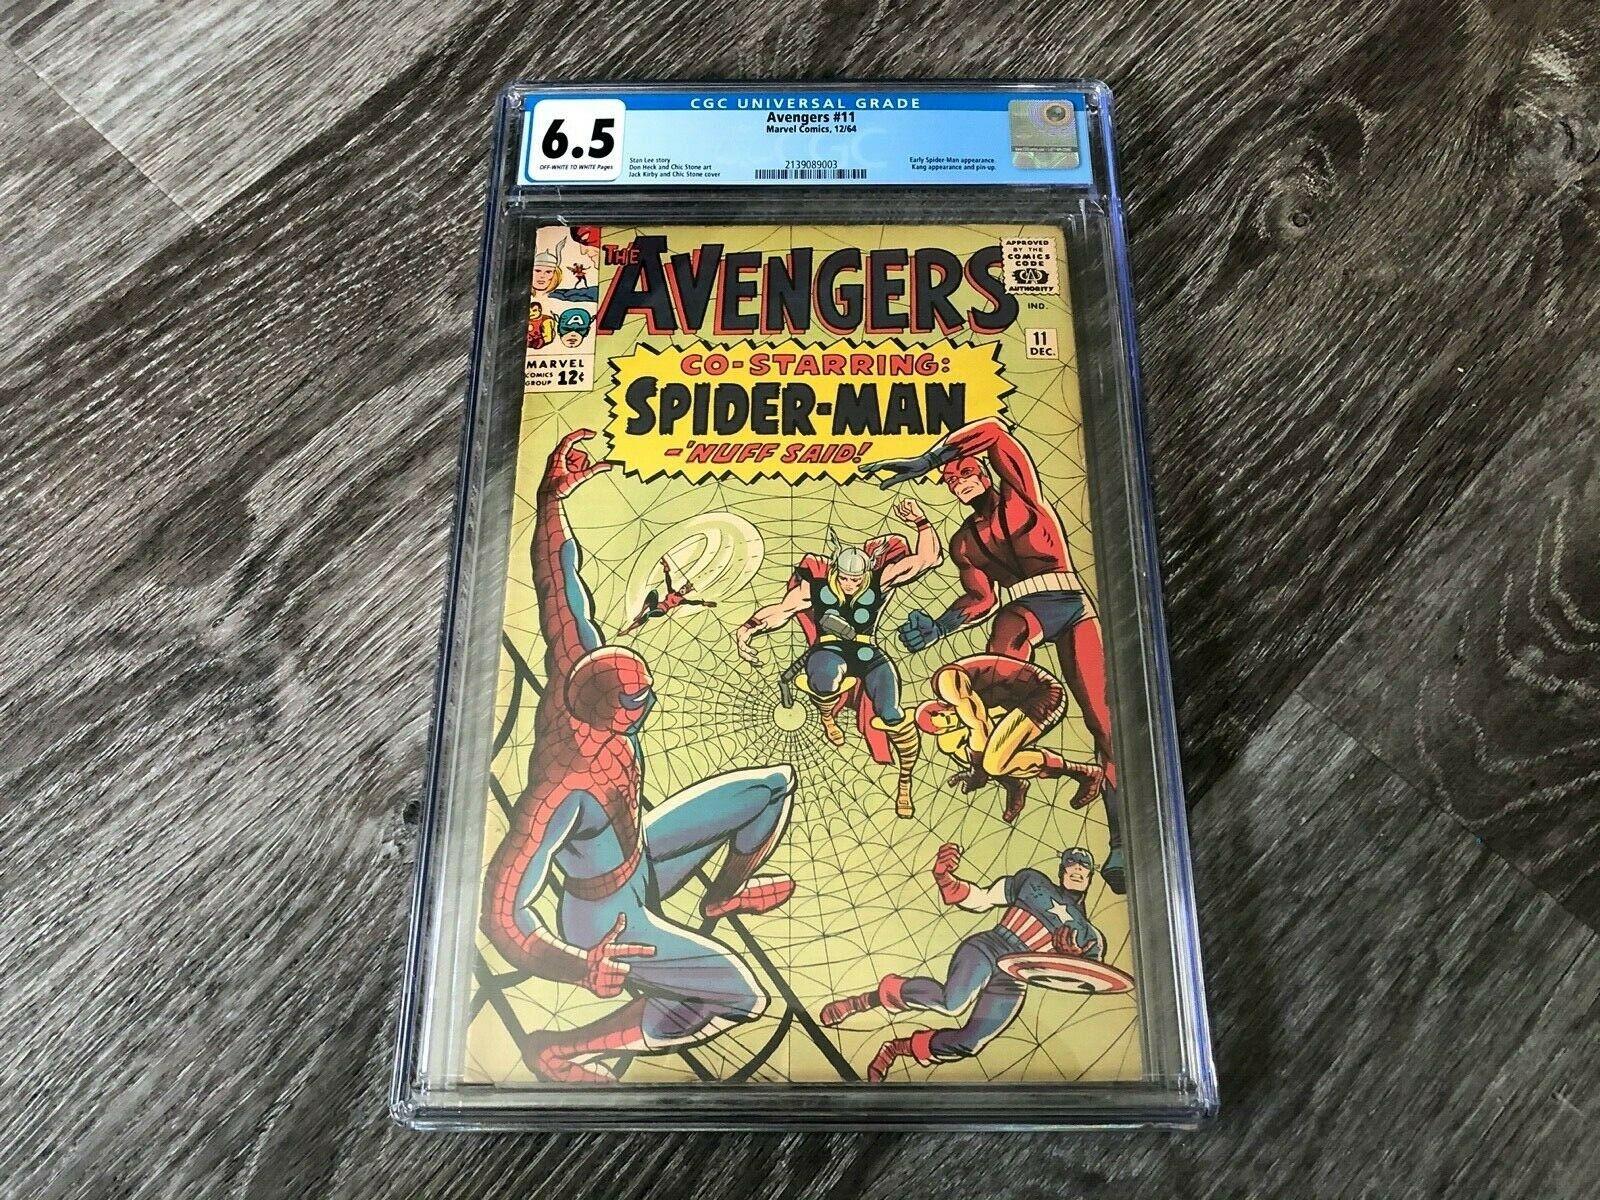 AVENGERS 11 CGC 6.5 Fine +  Co-Starring Spider-Man & Kang